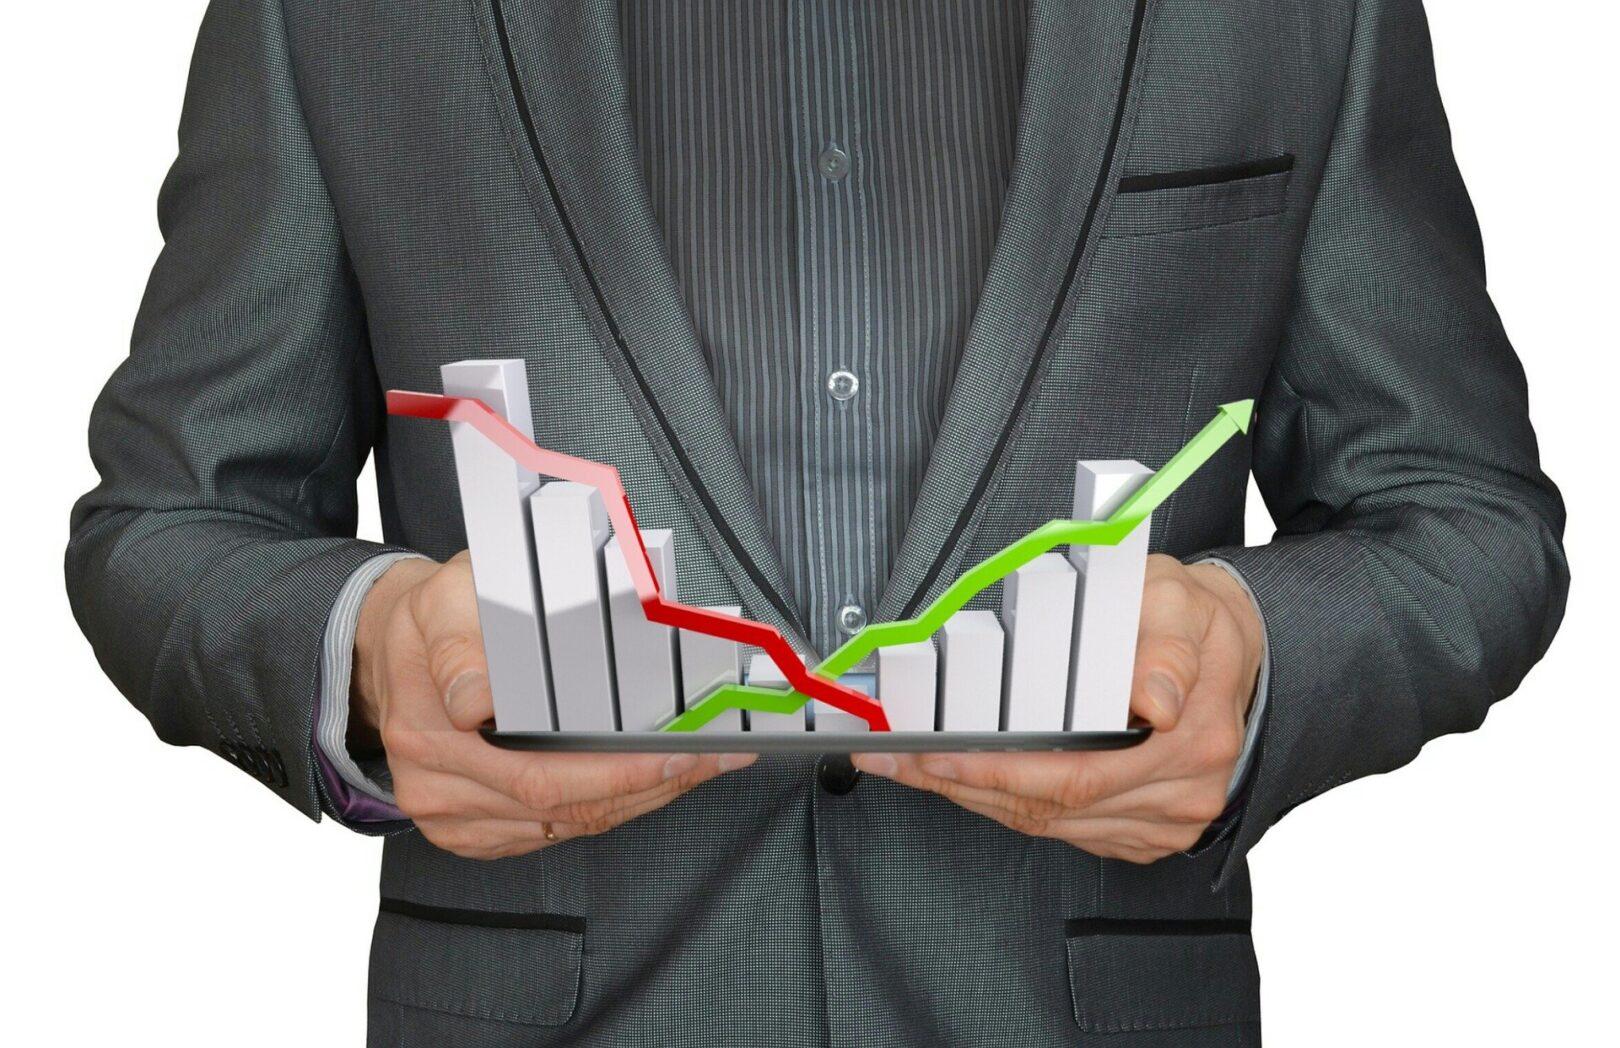 PKP je mnogim podjetjem pomagal, da so lahko obdržali svojo dejavnost, vsi pa ne bodo imeli te sreče. Bodo morali pridobljeni denar vračati? Velja to tako za d. o. o. kot tudi za s. p.?